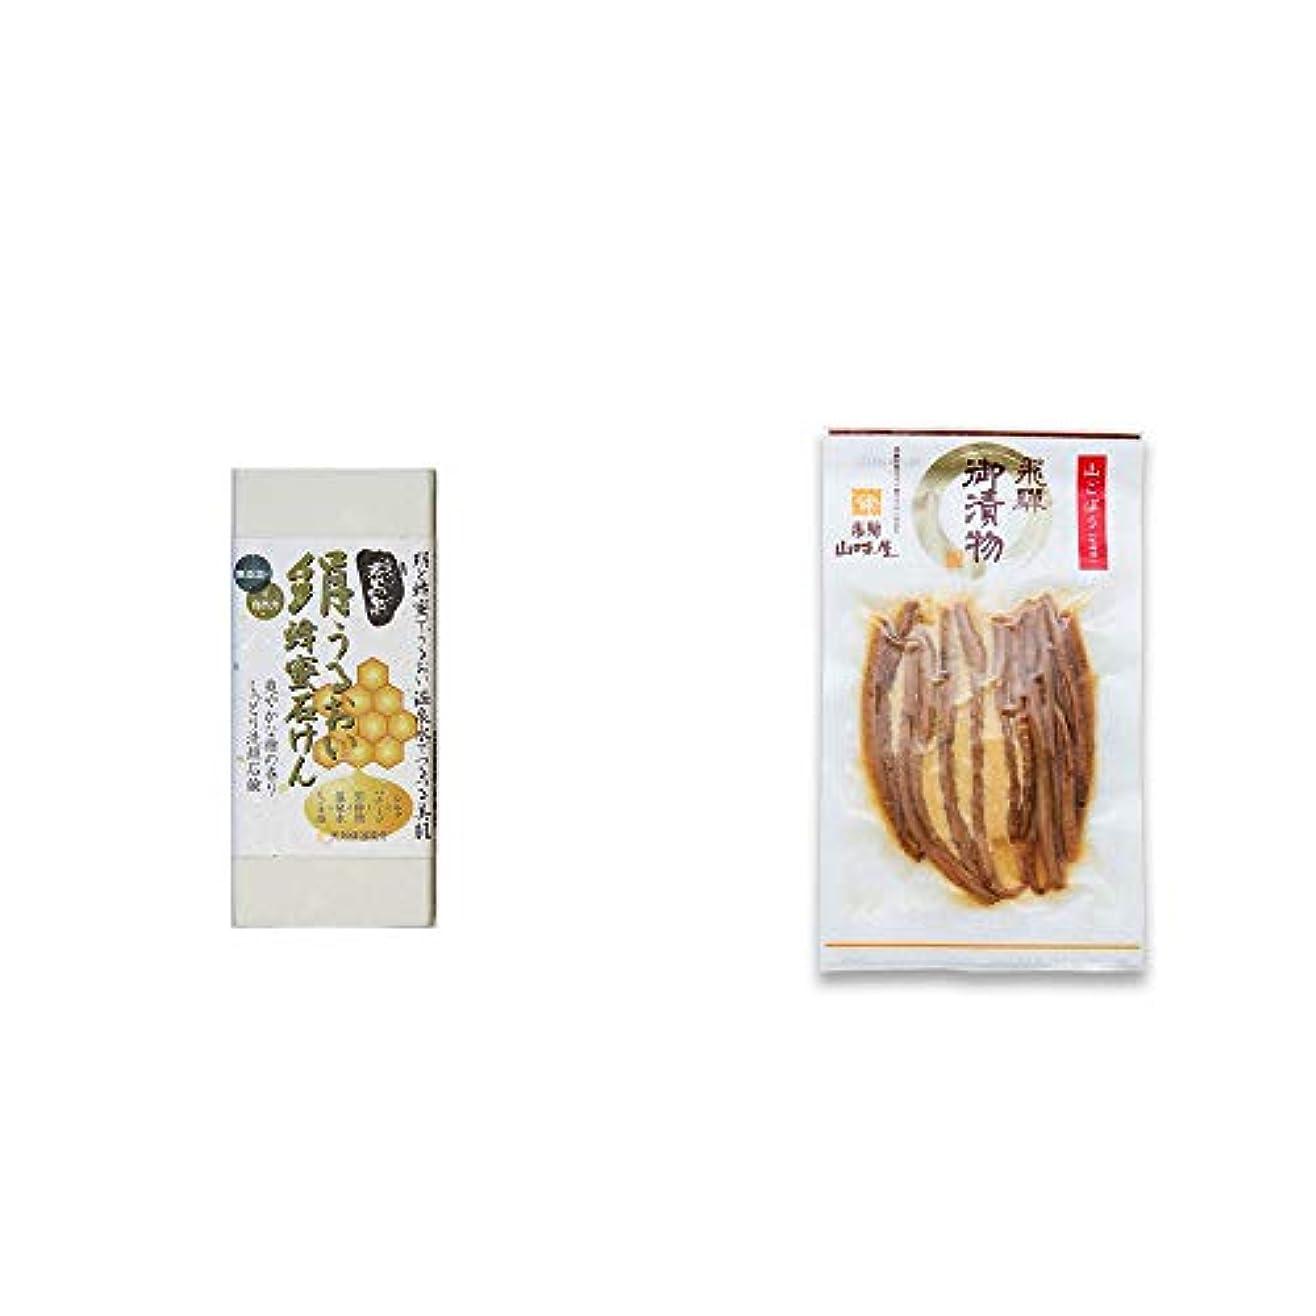 予約人柄ブラインド[2点セット] ひのき炭黒泉 絹うるおい蜂蜜石けん(75g×2)?飛騨山味屋 山ごぼう味噌漬(80g)